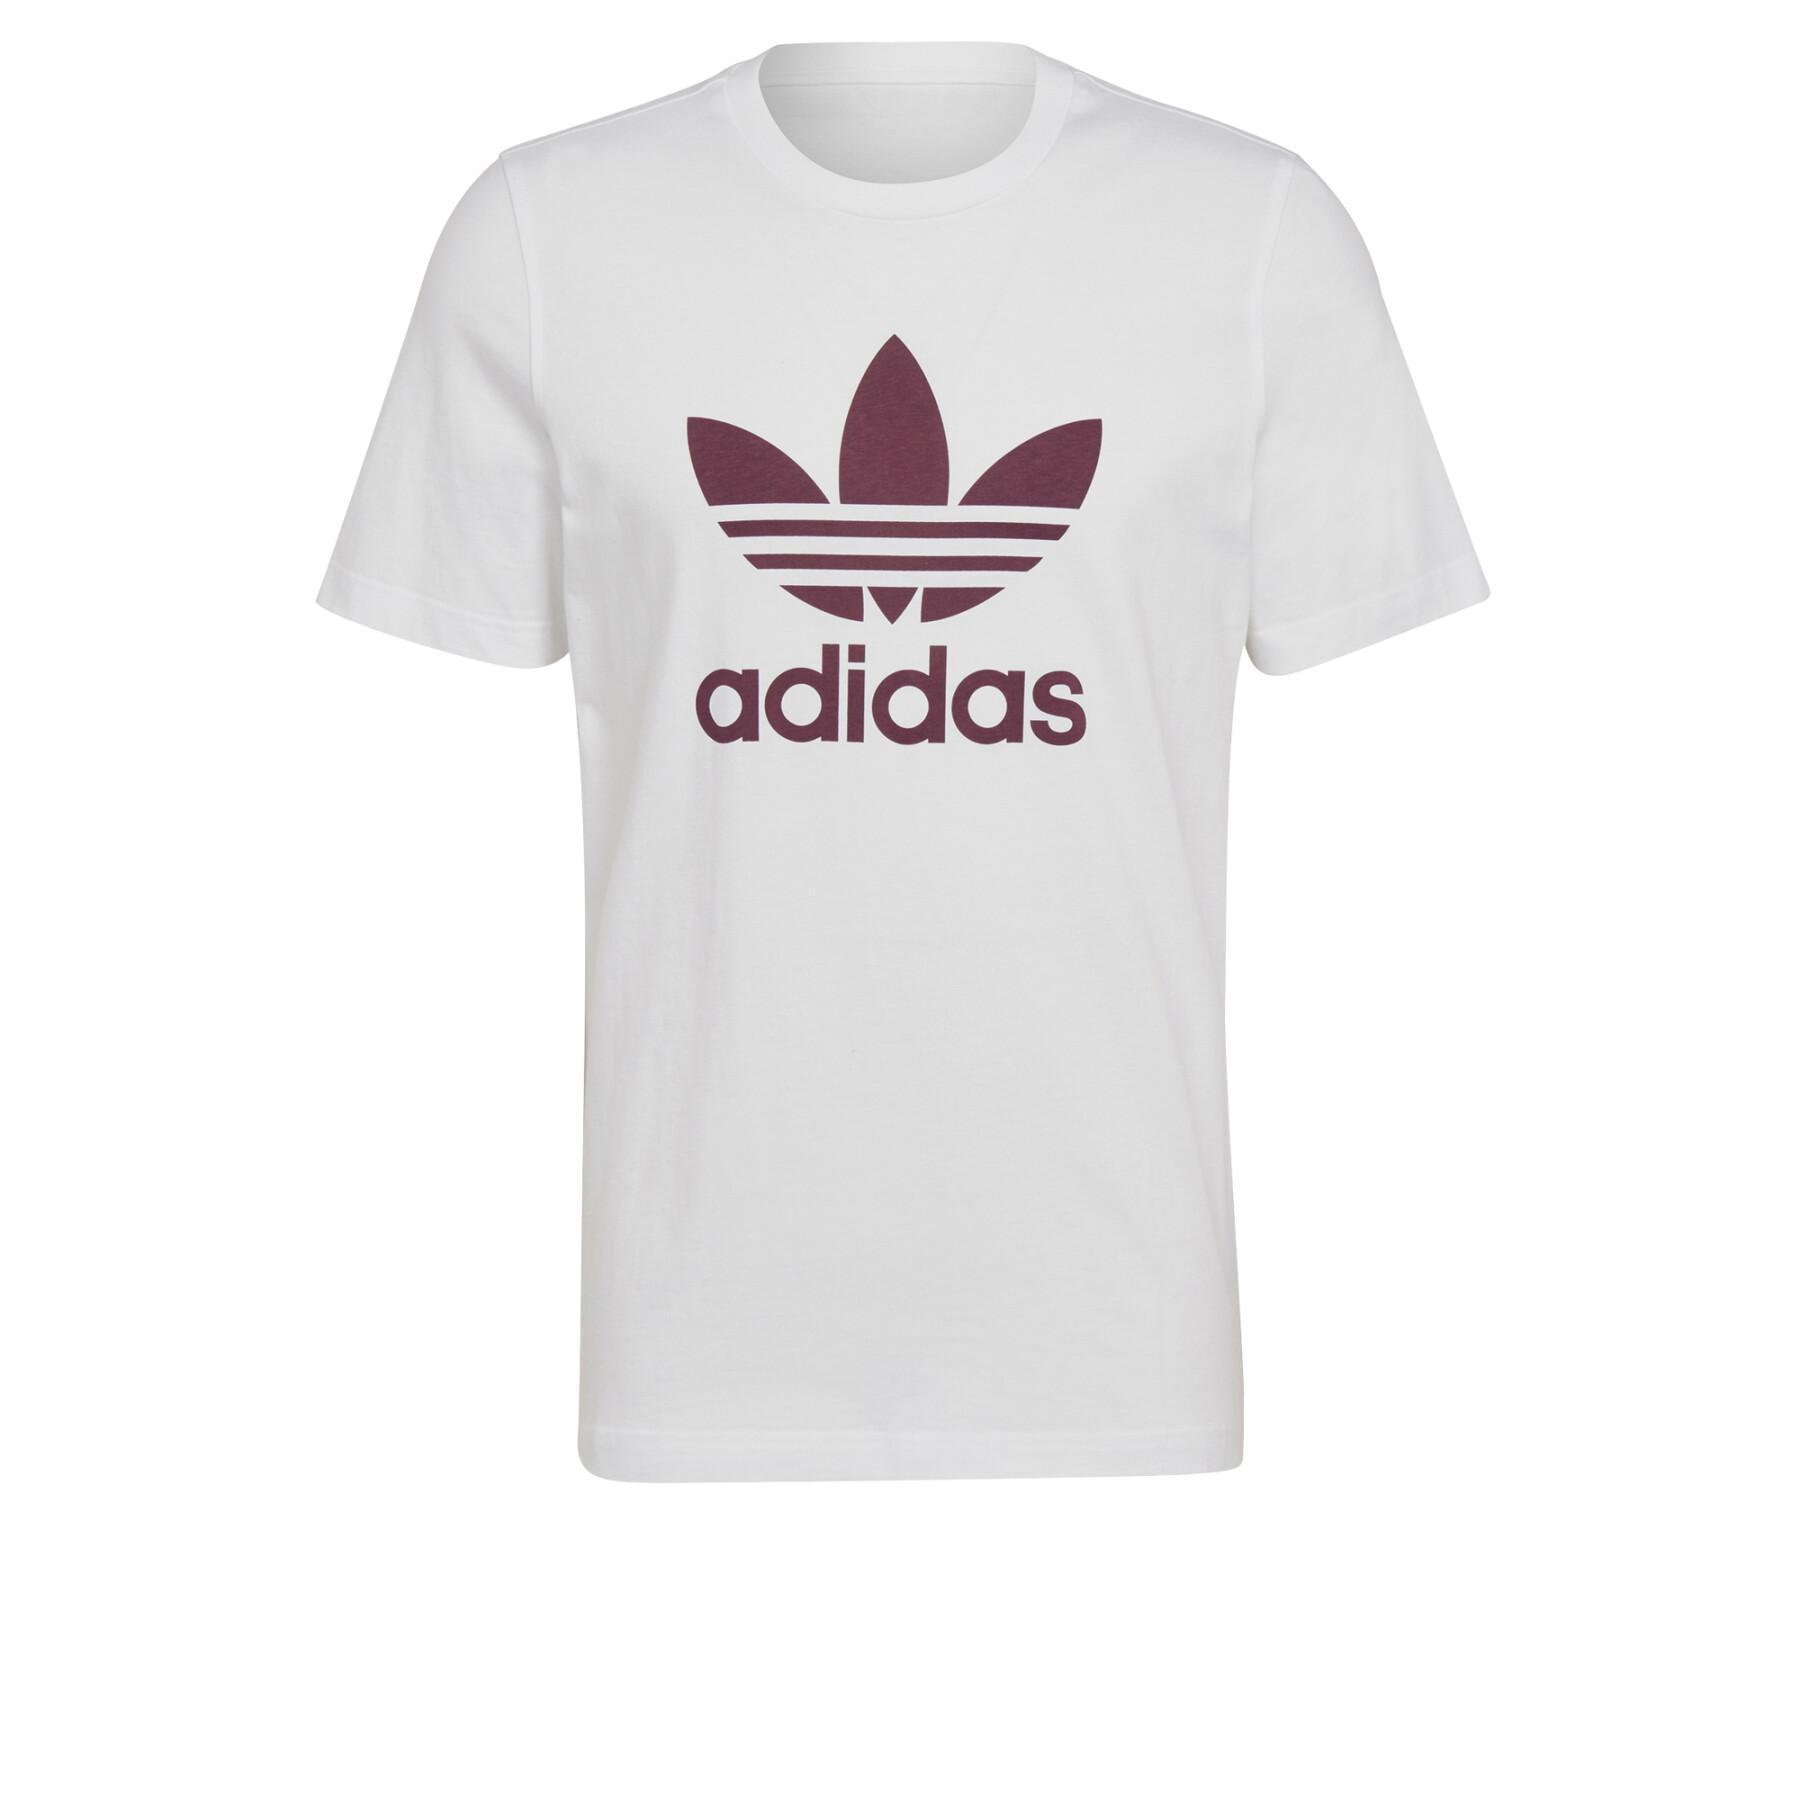 T-shirt adidas Originals Adicolor Trefoil